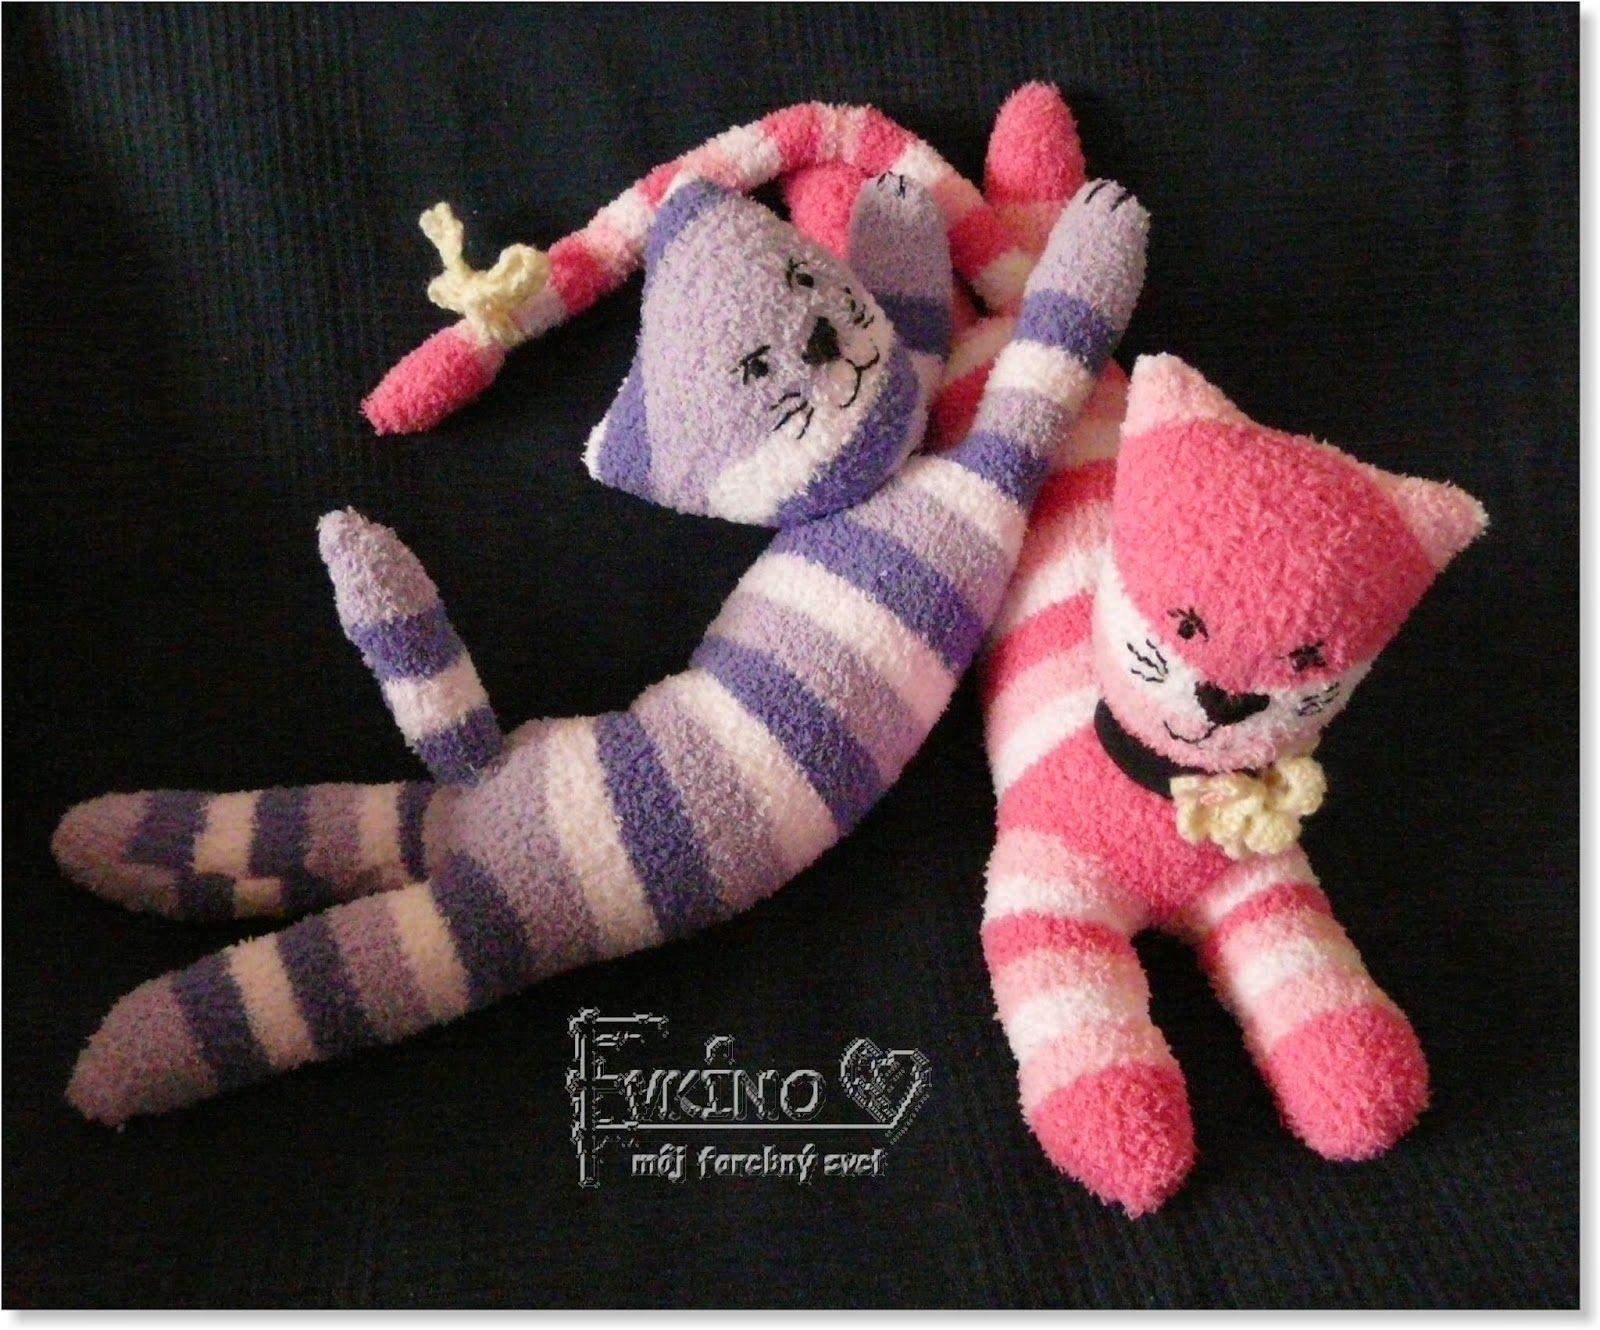 Evkino - môj farebný svet: Ponožkové mačičky